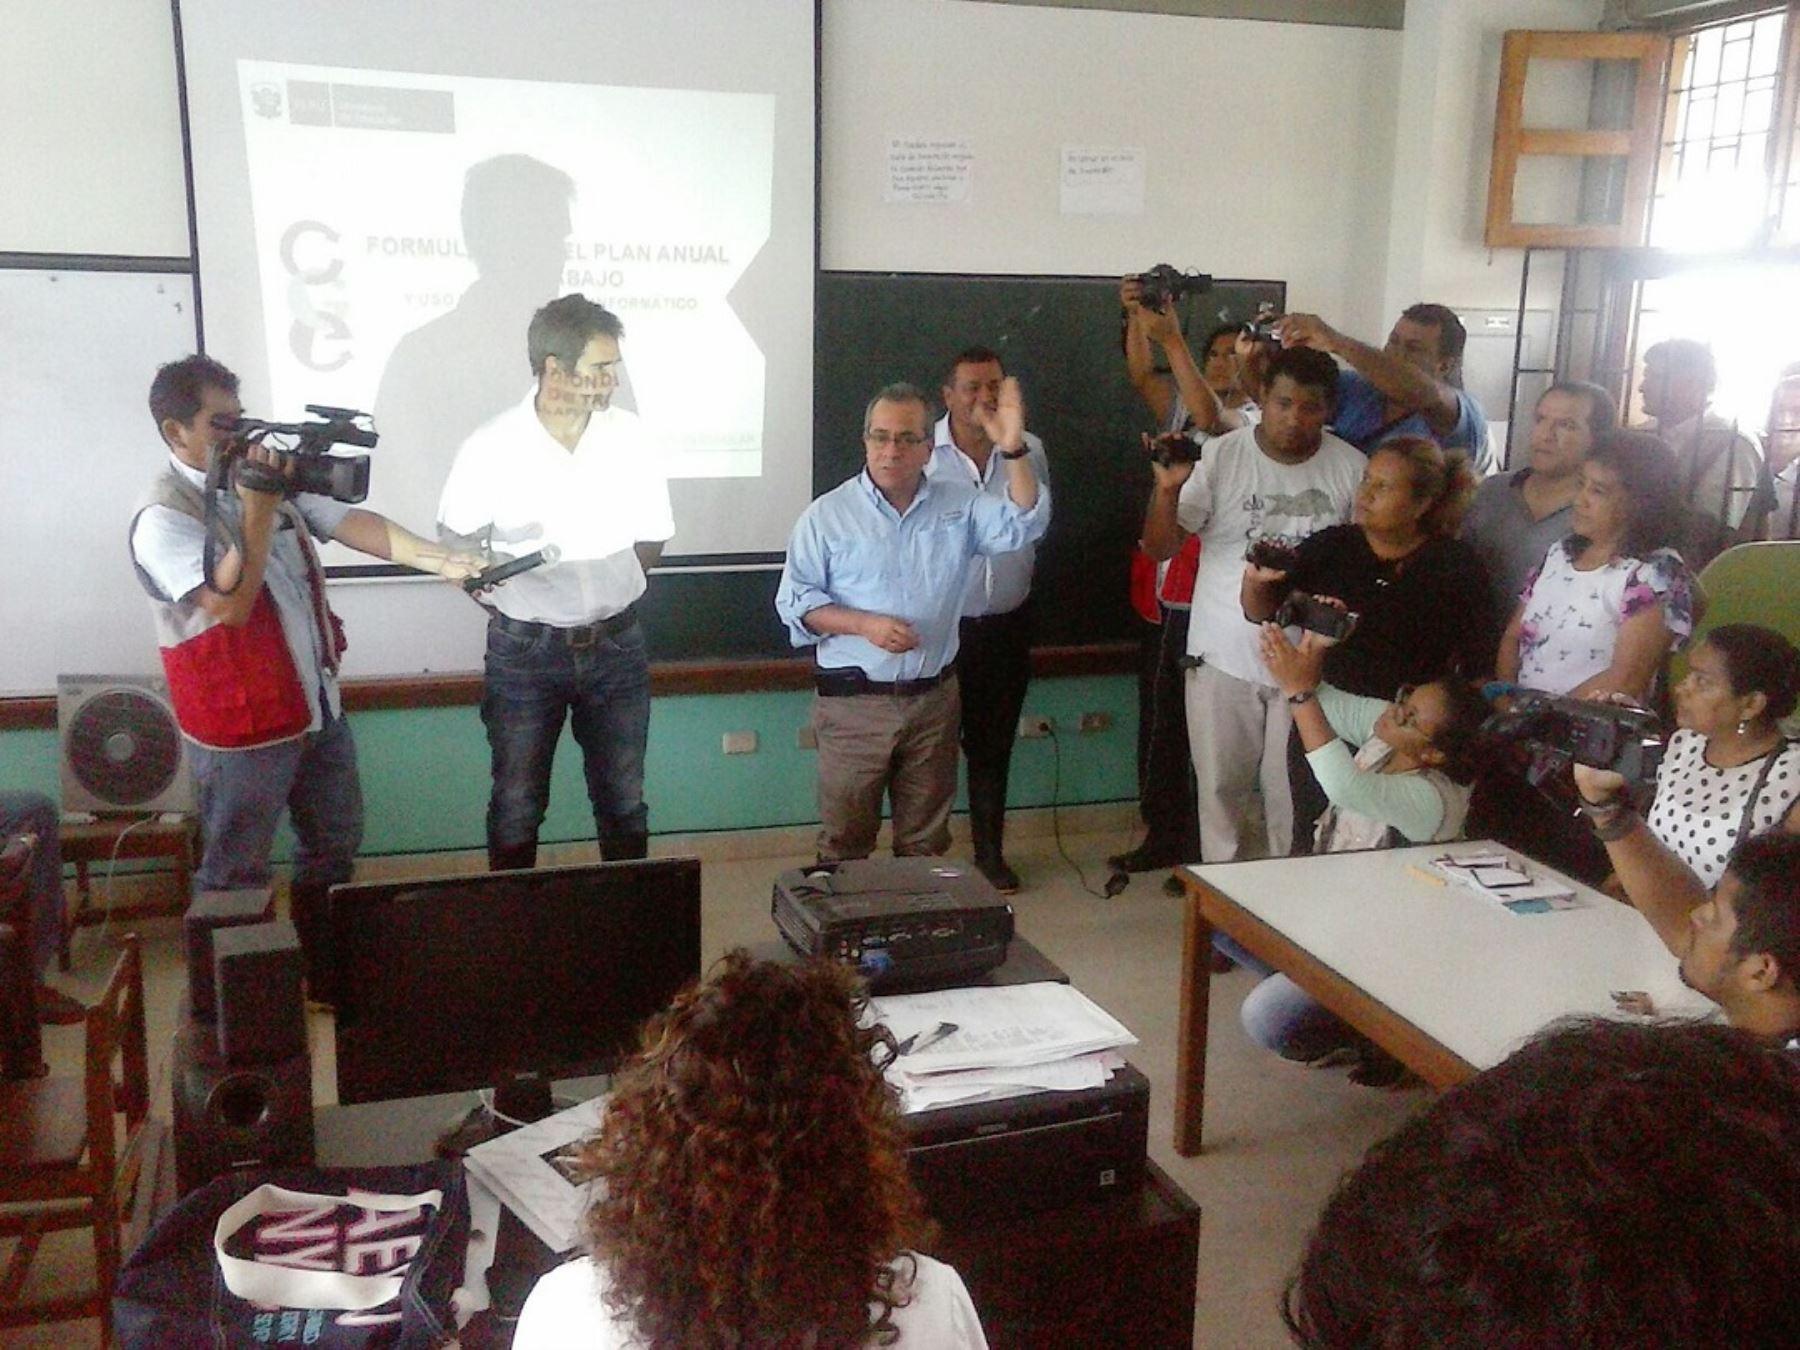 Ministro de Educación, Jaime Saavedra, visita colegios en Tumbes antes del inicio del año escolar, el próximo 14 de marzo.